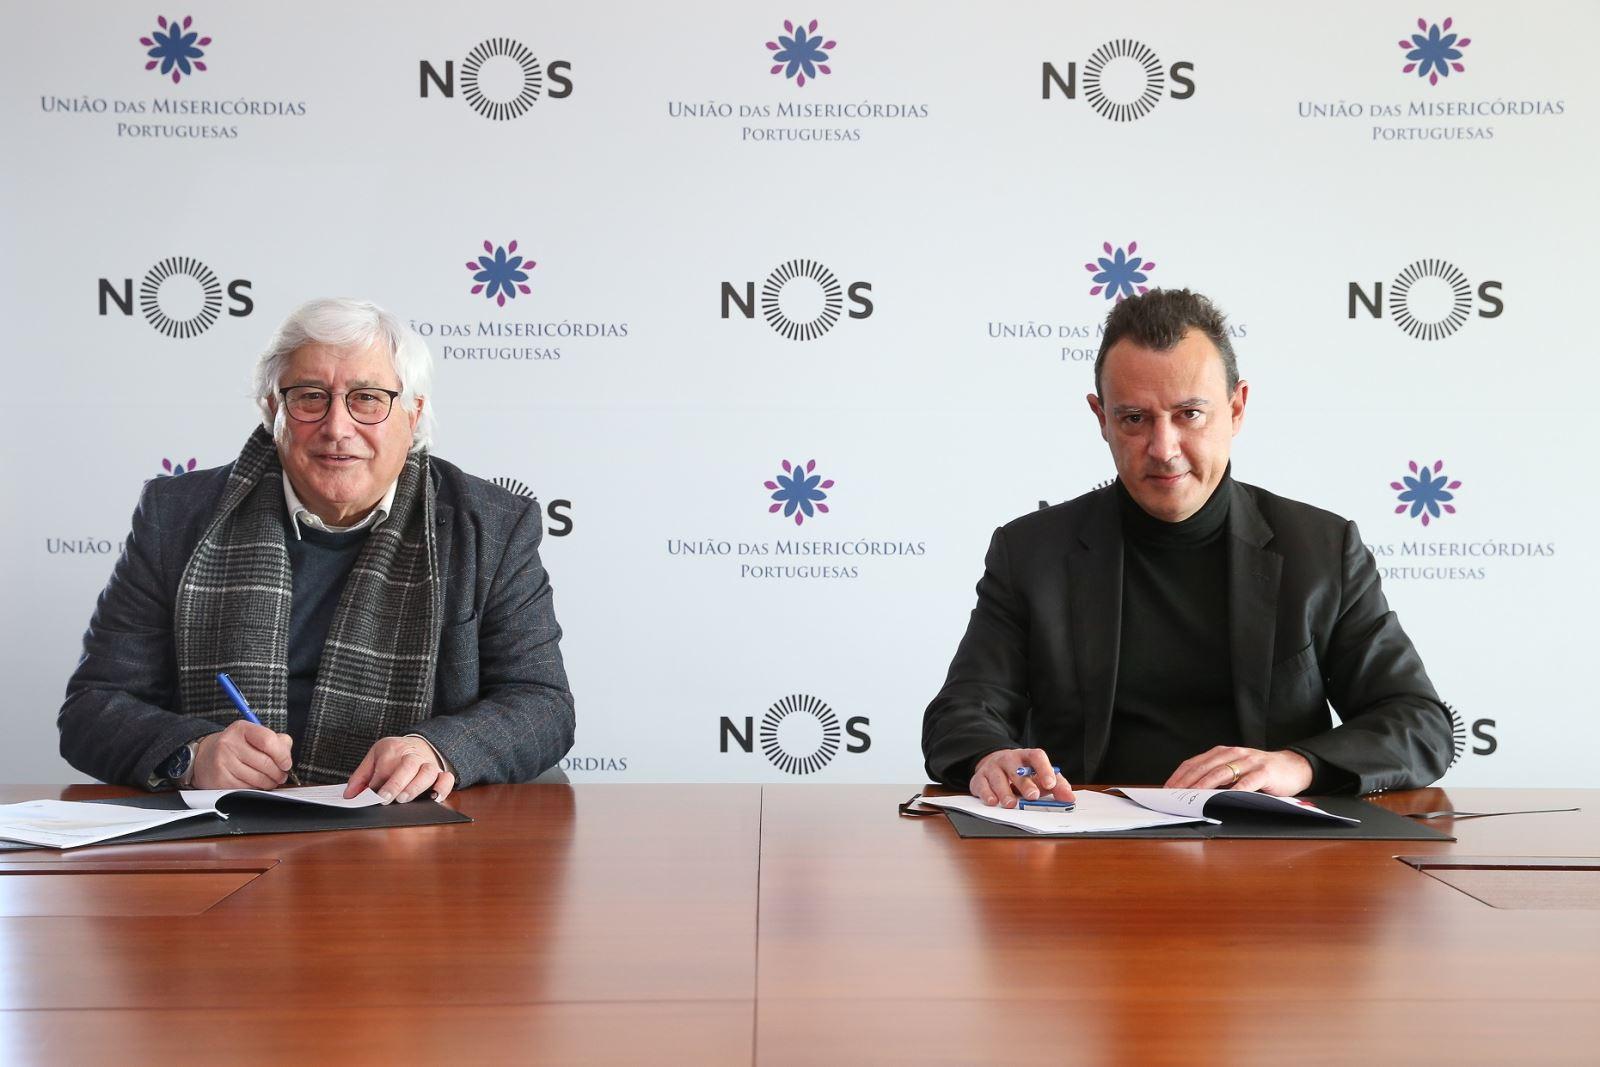 NOS | Acordo para reforçar a inovação tecnológica